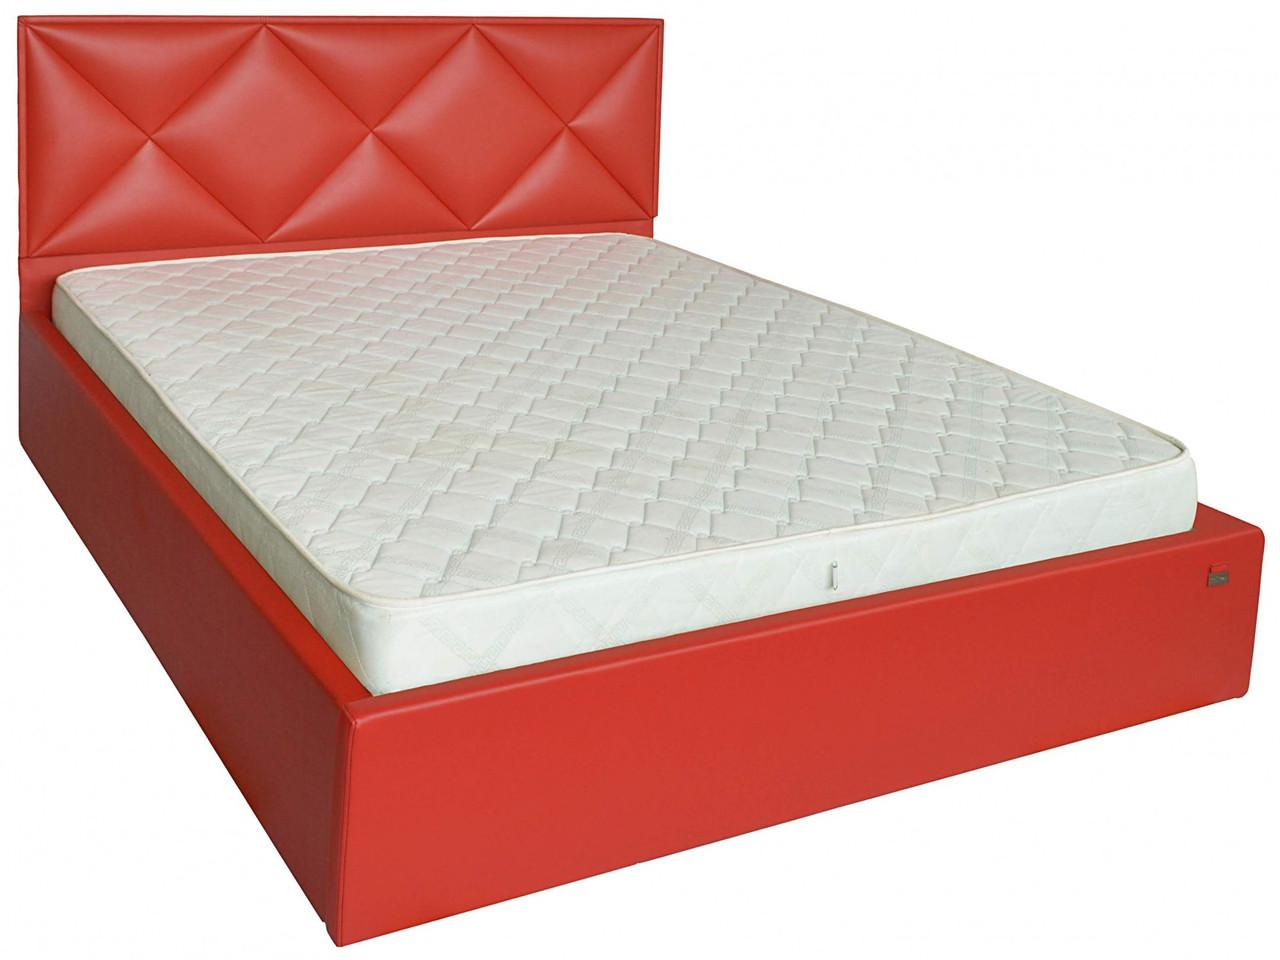 Кровать Двуспальная Richman Лидс 180 х 190 см Boom 16 С подъемным механизмом и нишей для белья Красная